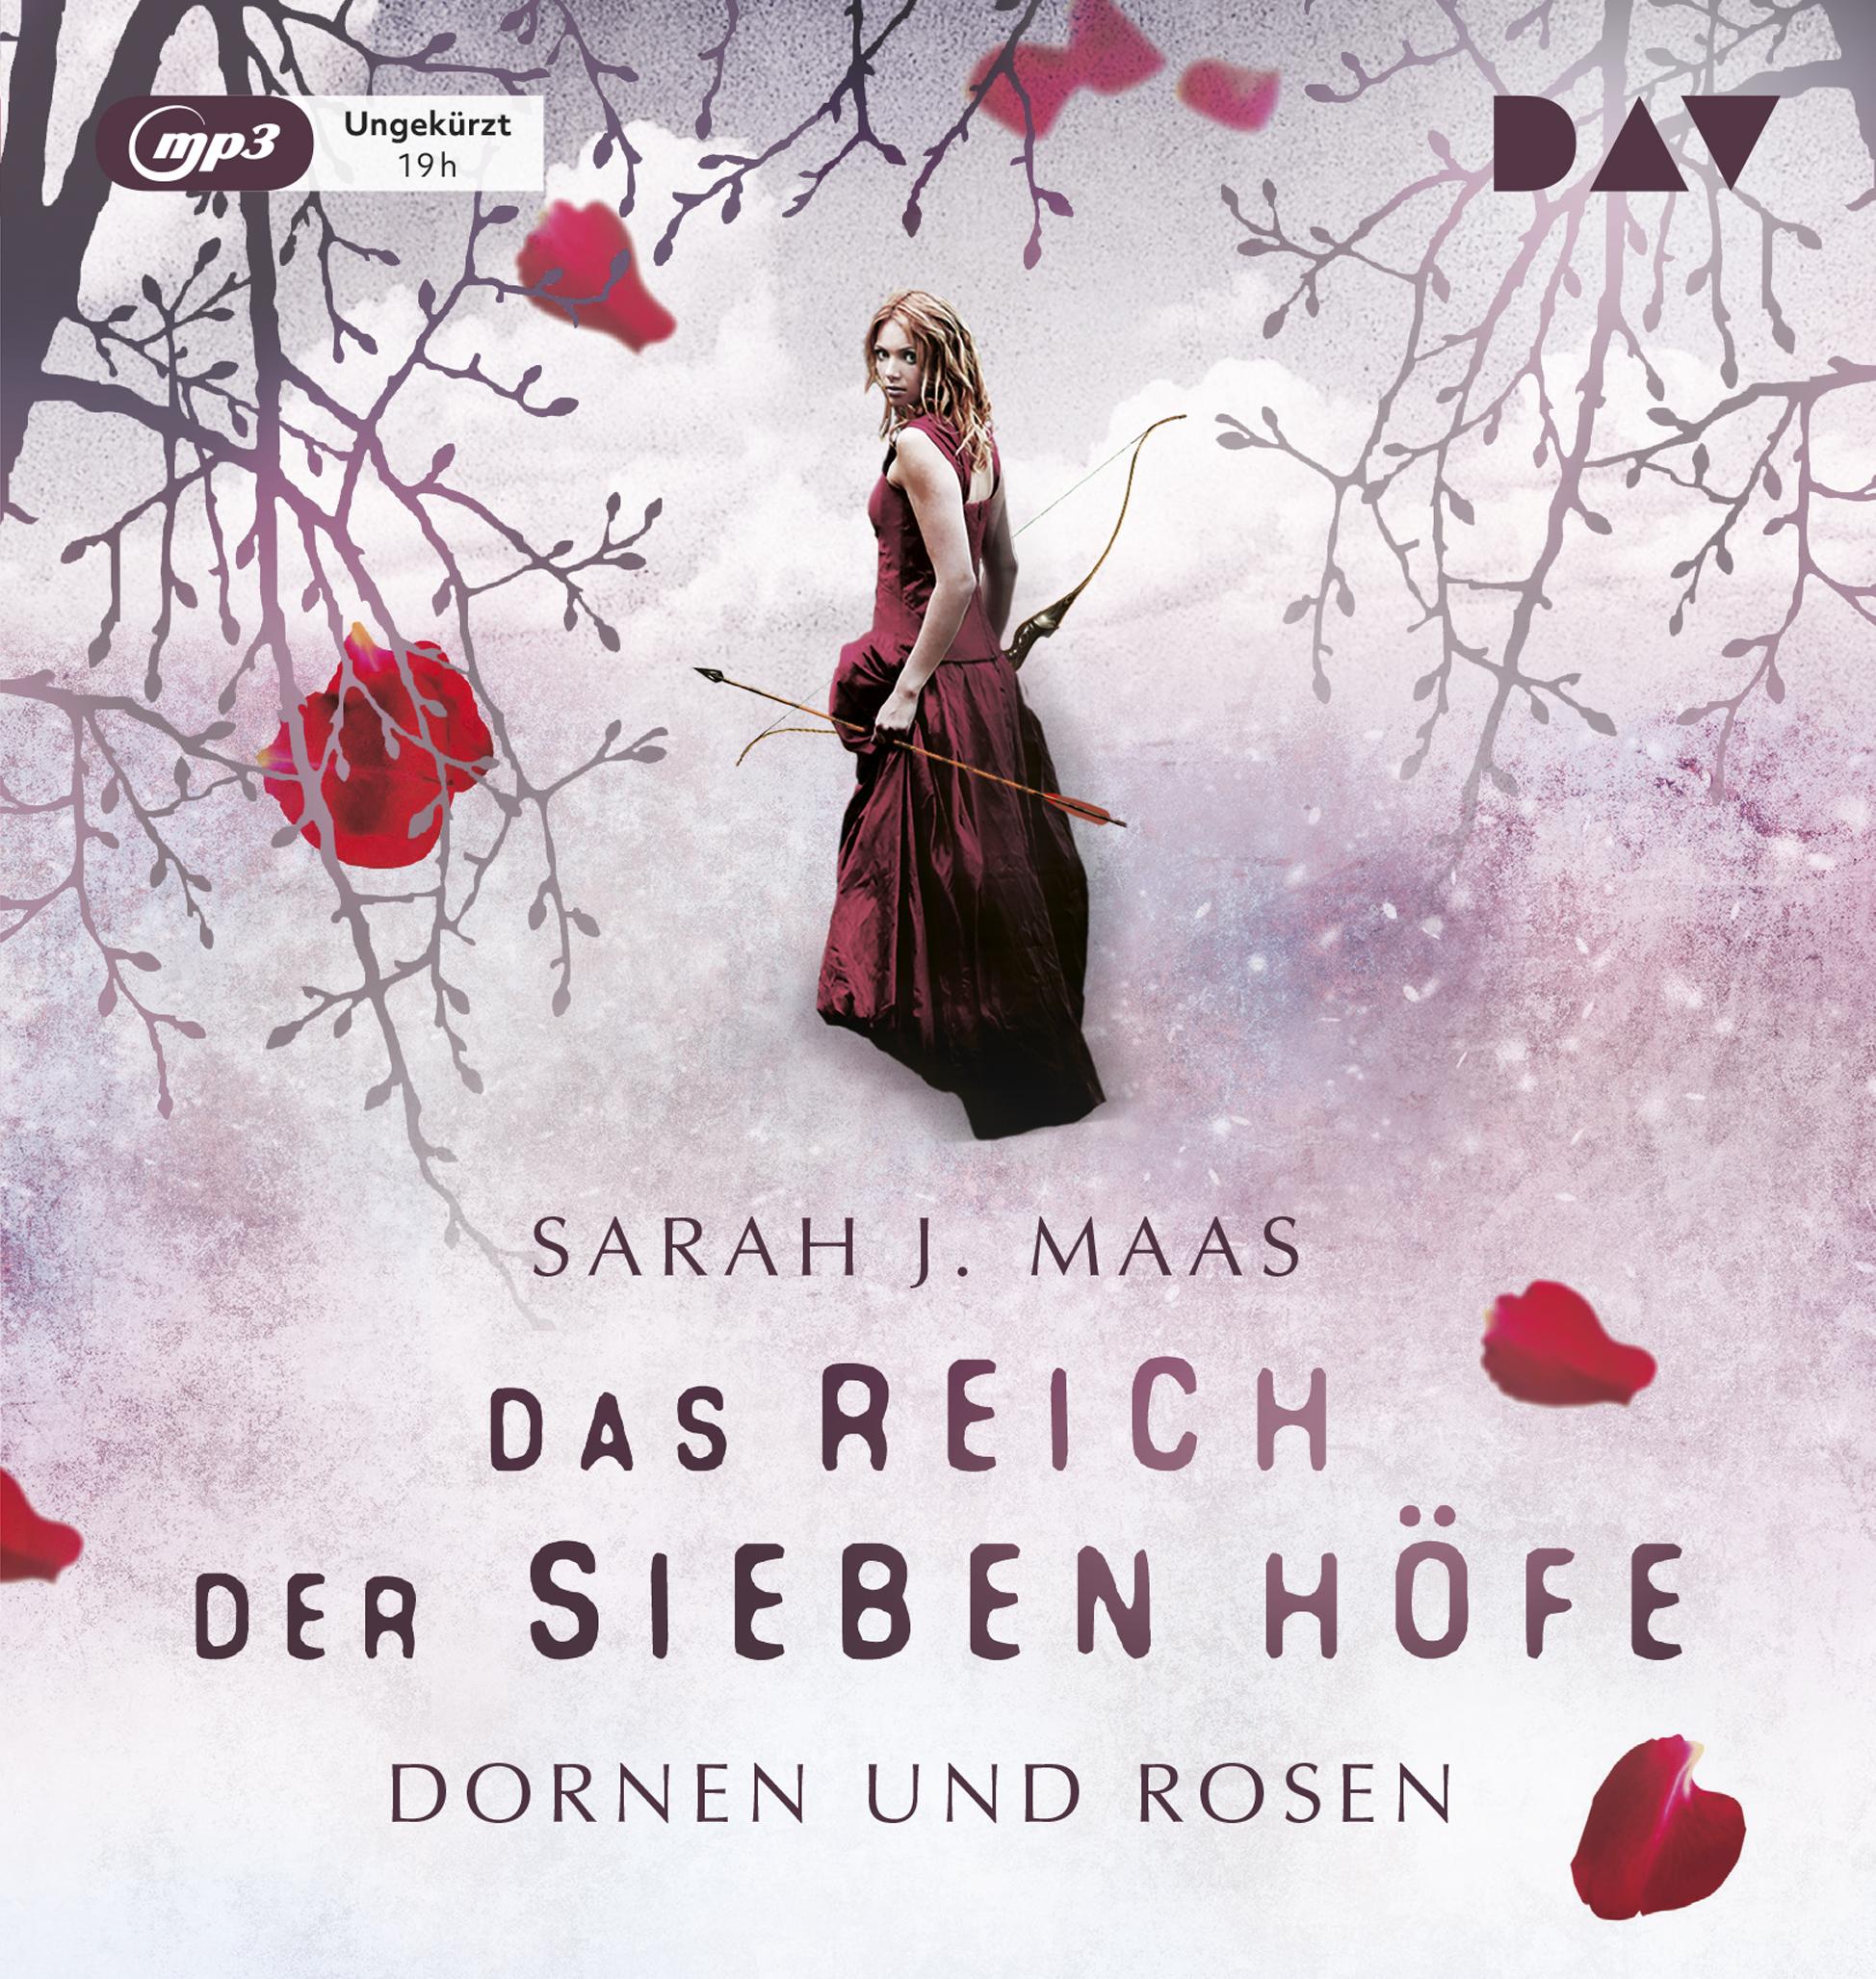 Dornen und Rosen (Hörbuch)